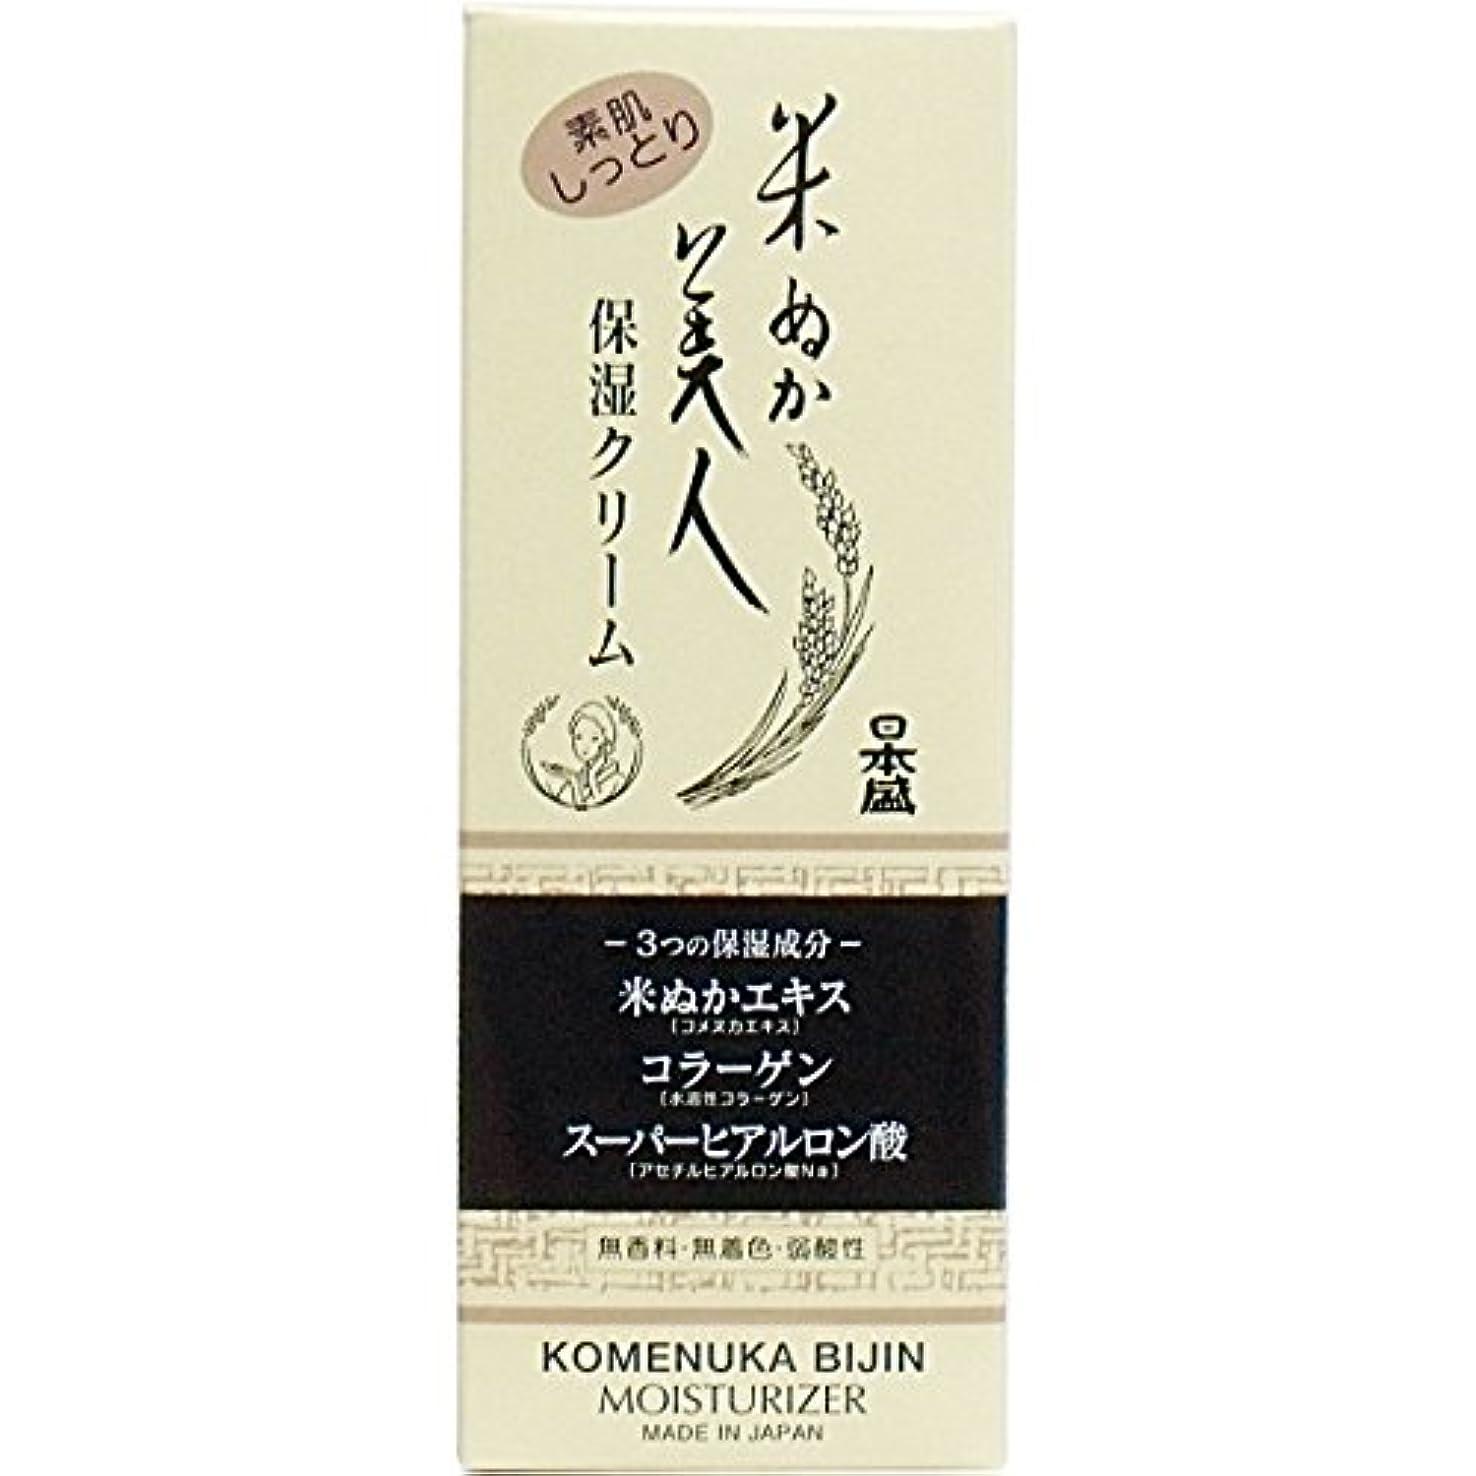 【日本盛】米ぬか美人 保湿クリーム 35g